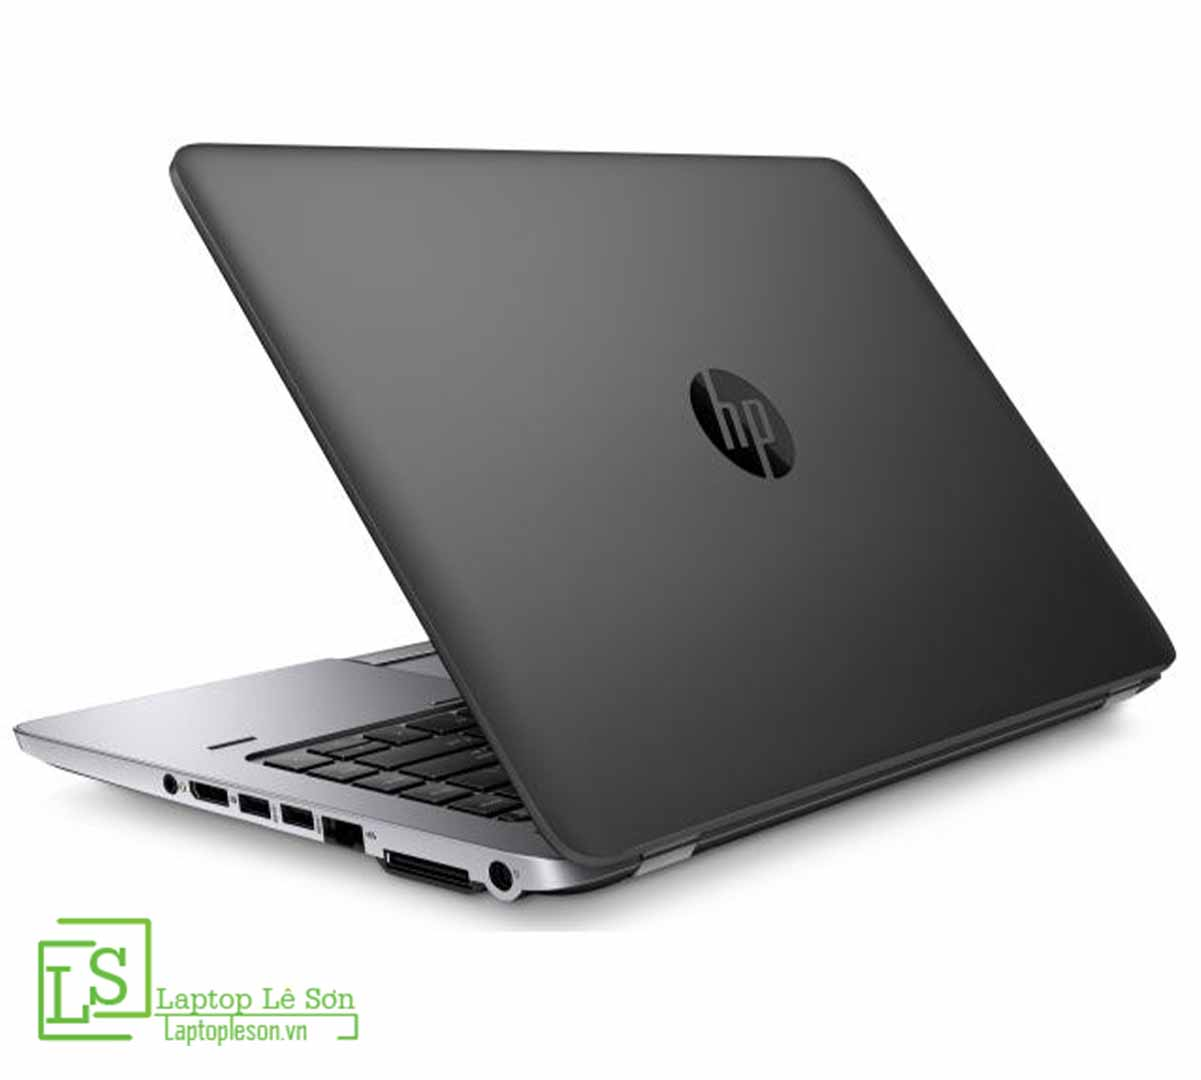 Laptop Lê Sơn HP Probook 640 G1 05